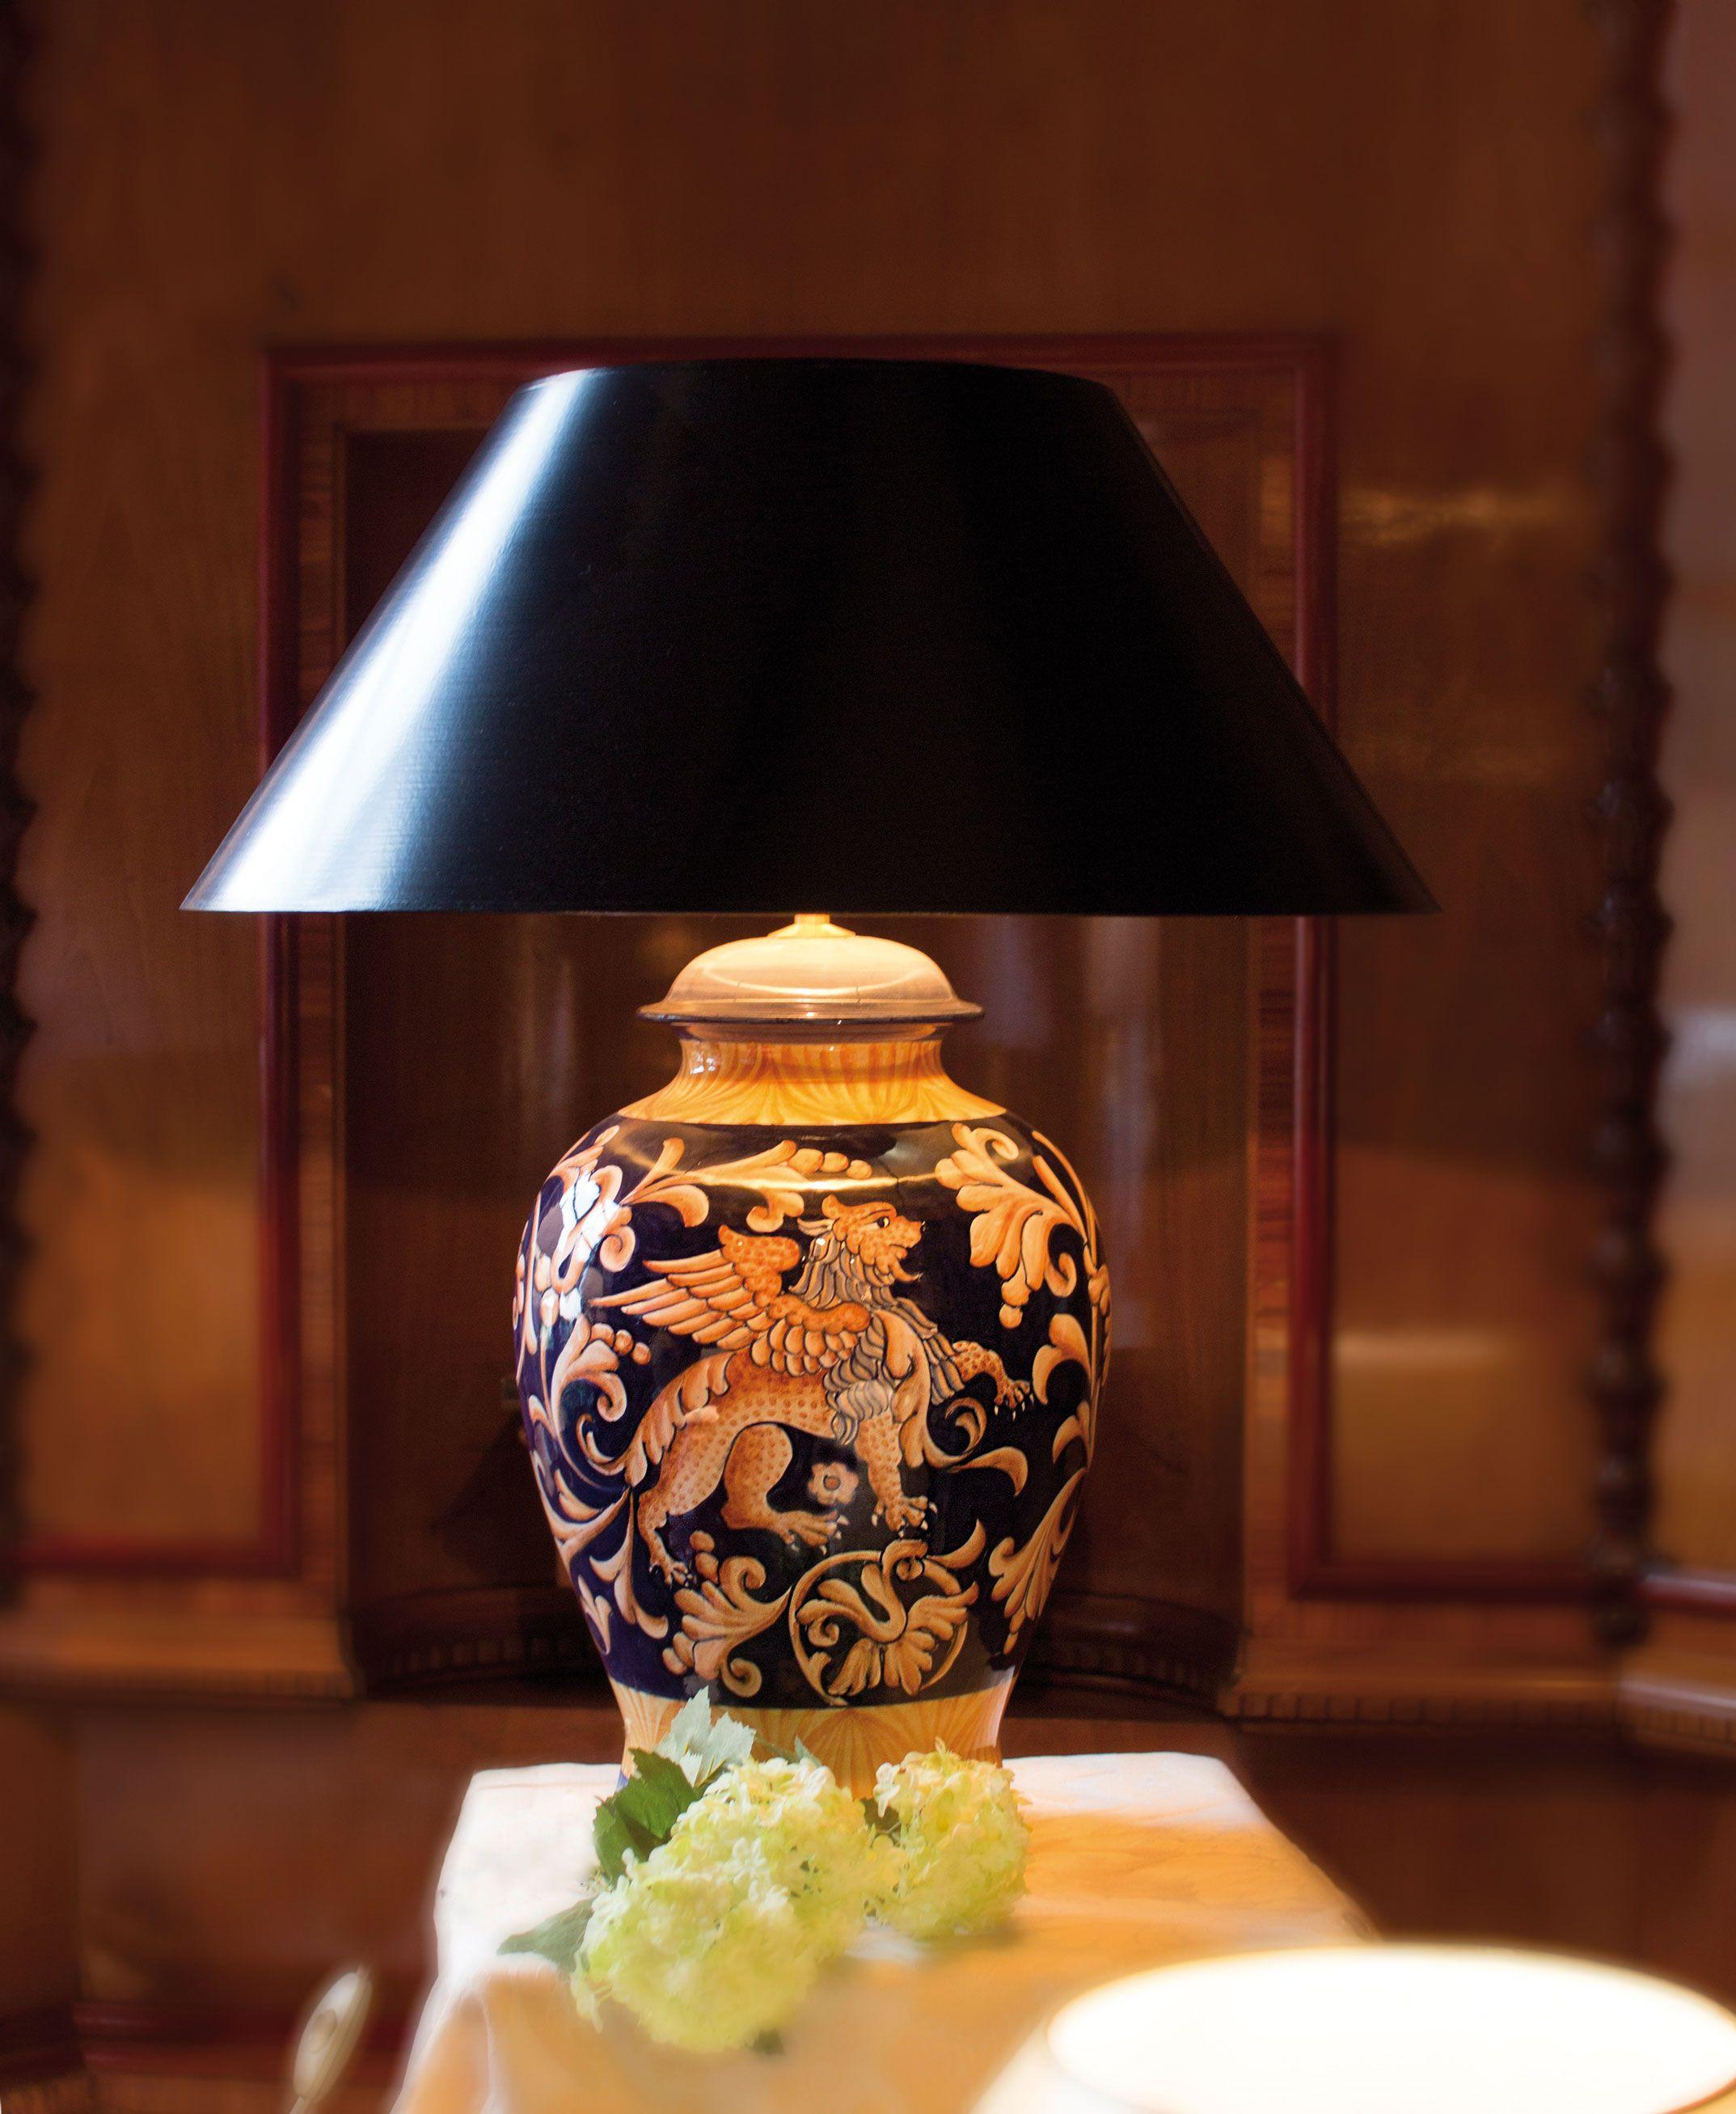 Grosse Tischlampe Tessuto Umbro 63 Cm Mit Schwarzgoldenem Strichlackschirm Art Deco Lampen Lampendesign Schlafzimmerleuchten